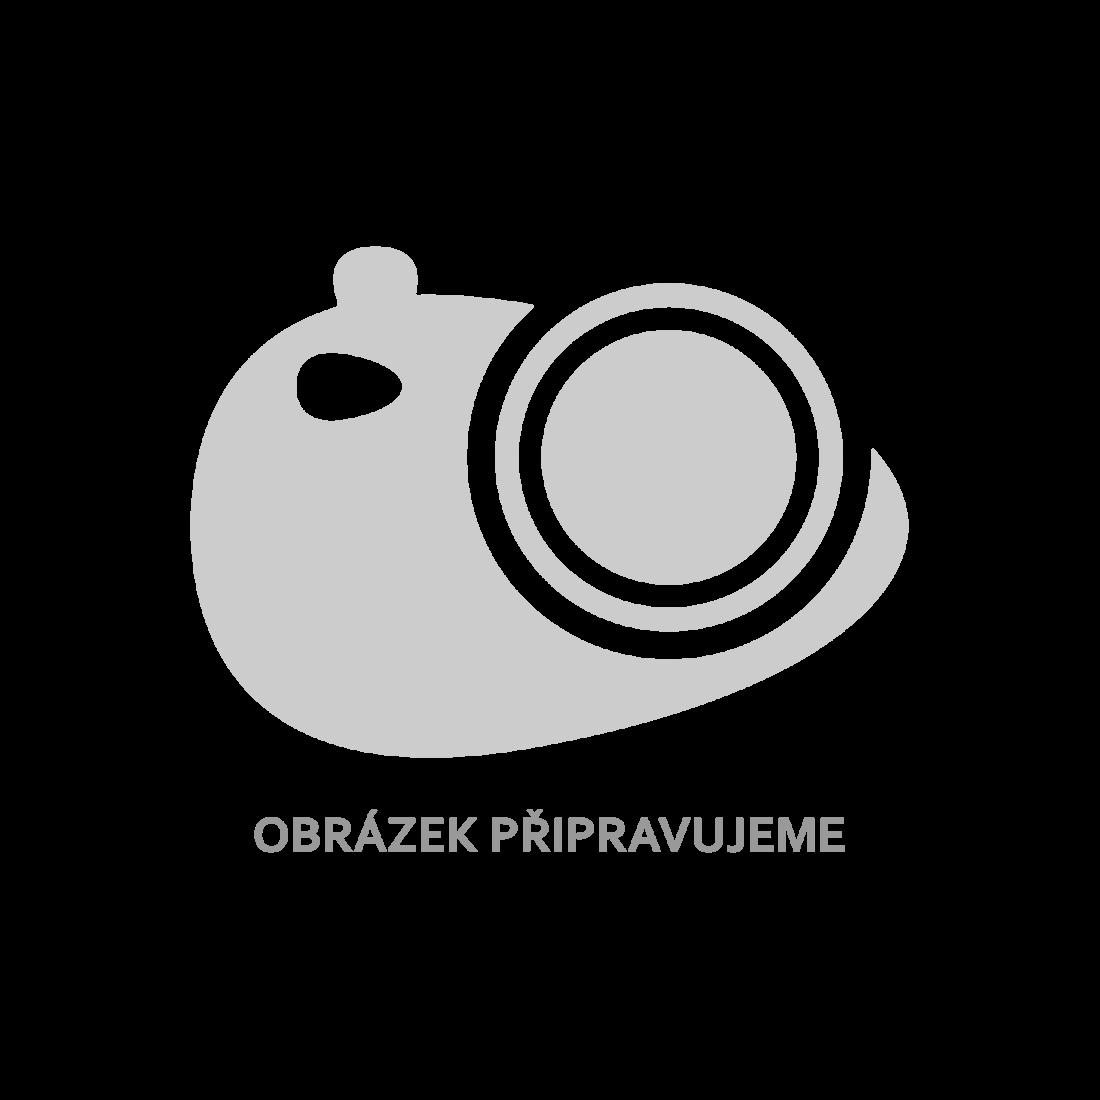 vidaXL Zahradní stůl bronzový 90 x 90 x 73 cm litý hliník [315588]